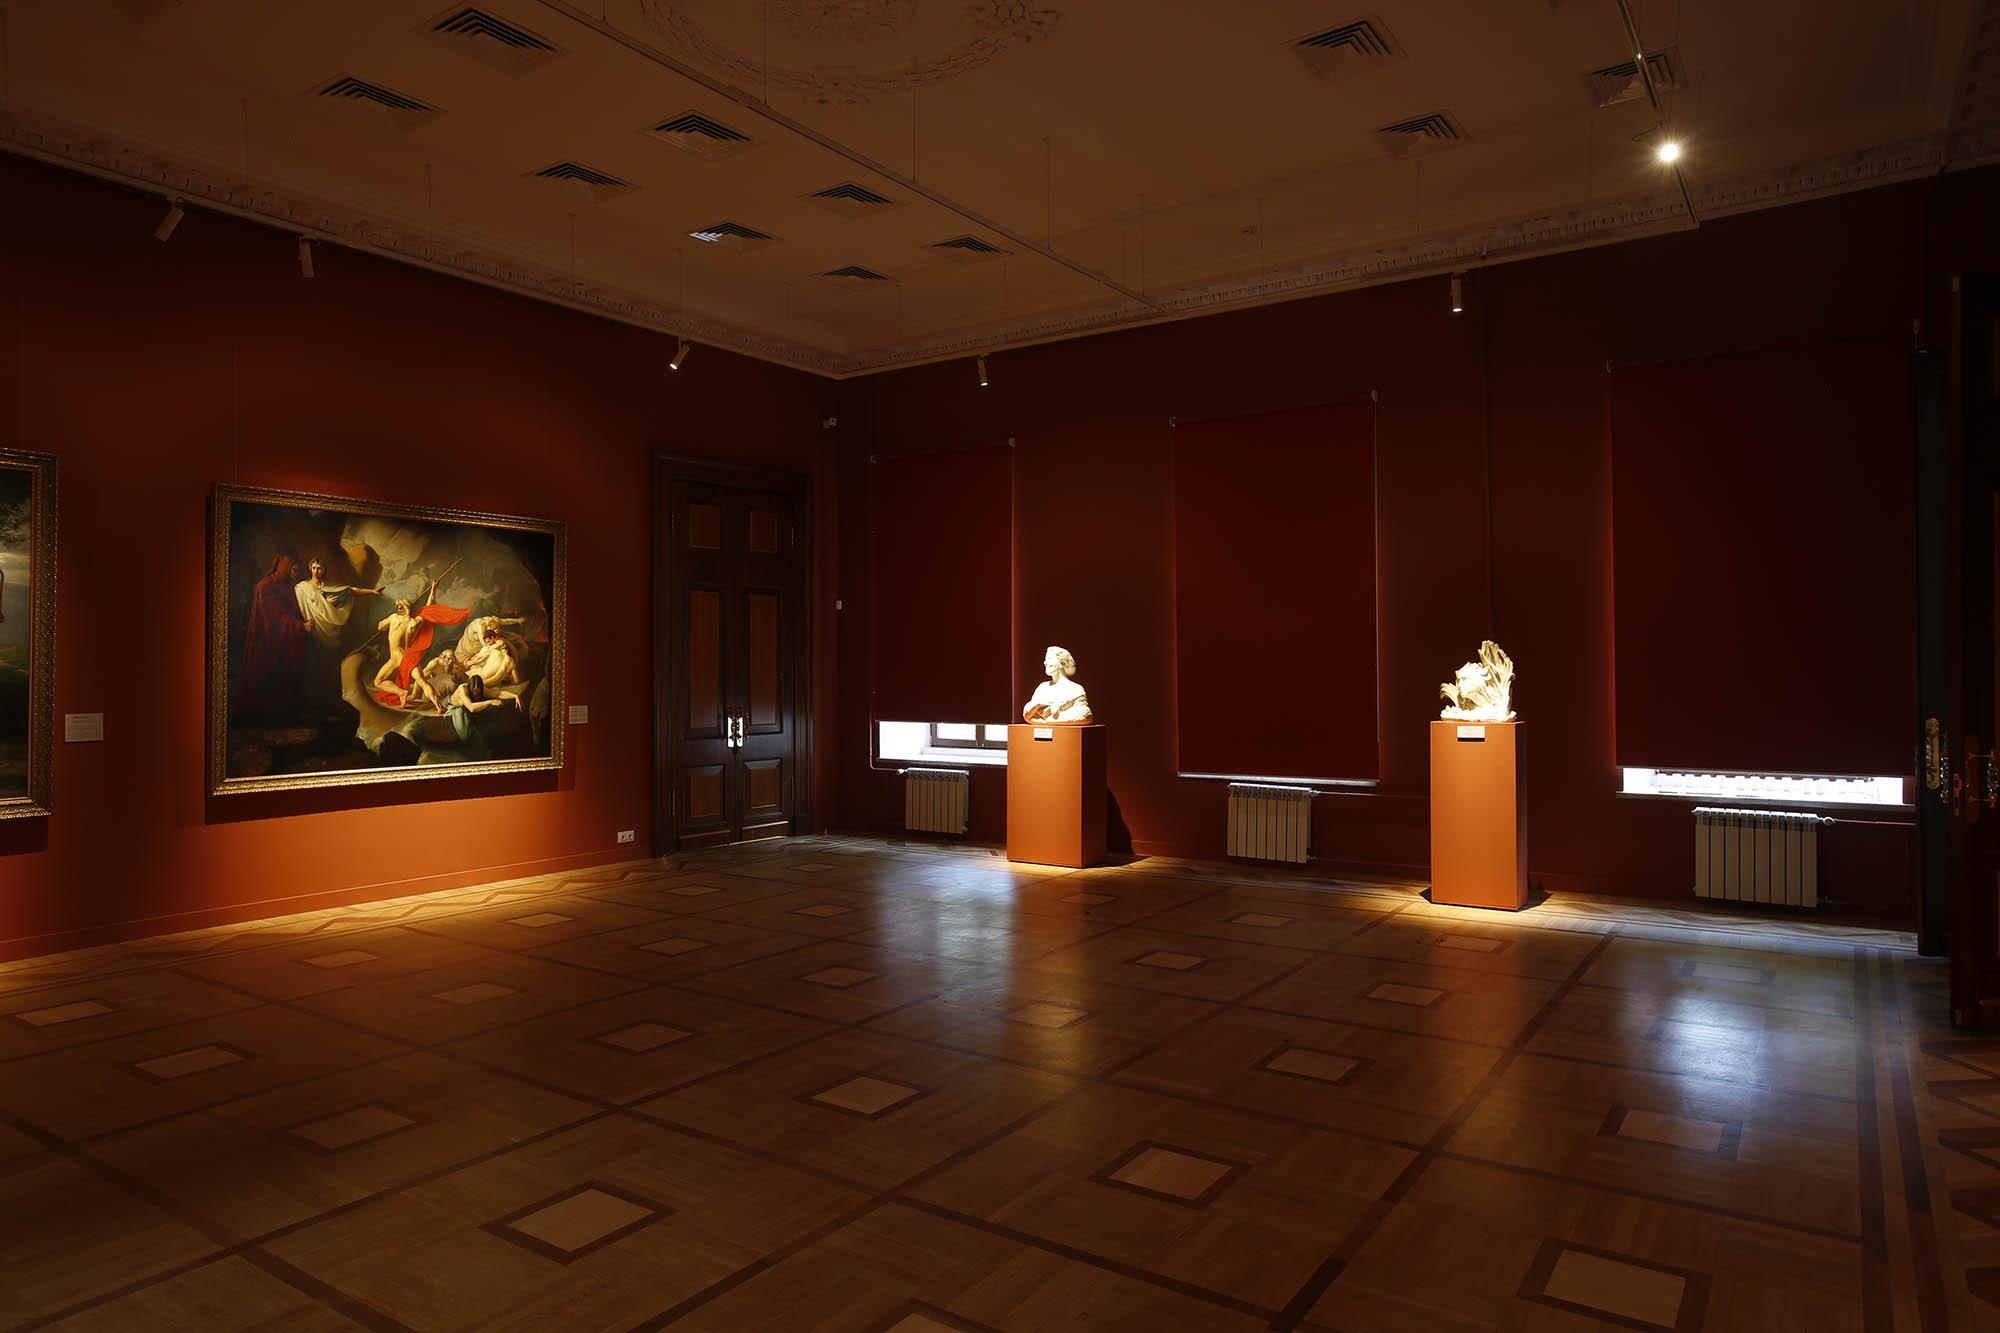 Новая выставка картин открылась в обновленном здании Нижегородского художественного музея